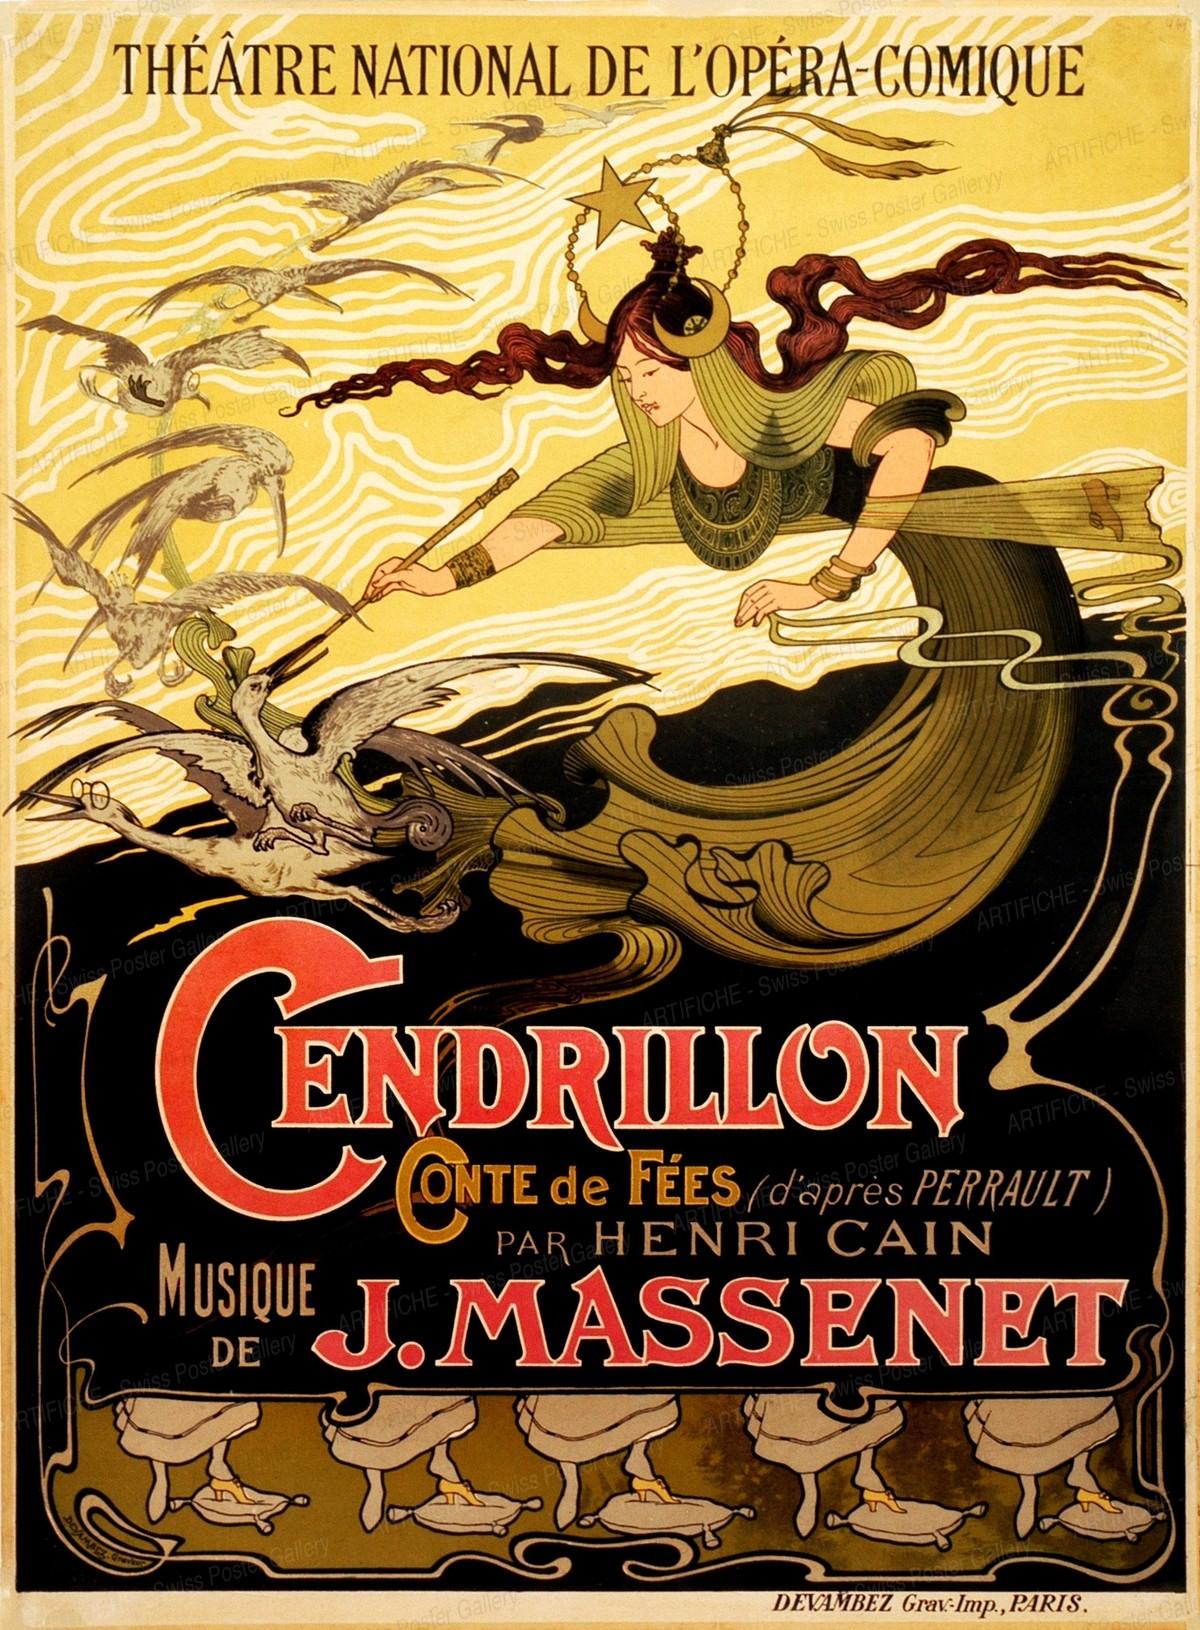 Cendrillon Conte de Fées par Henri Cain, Musique de J. Massenet – Théâtre National de l'Opéra Comique Paris, Emile Bertrand